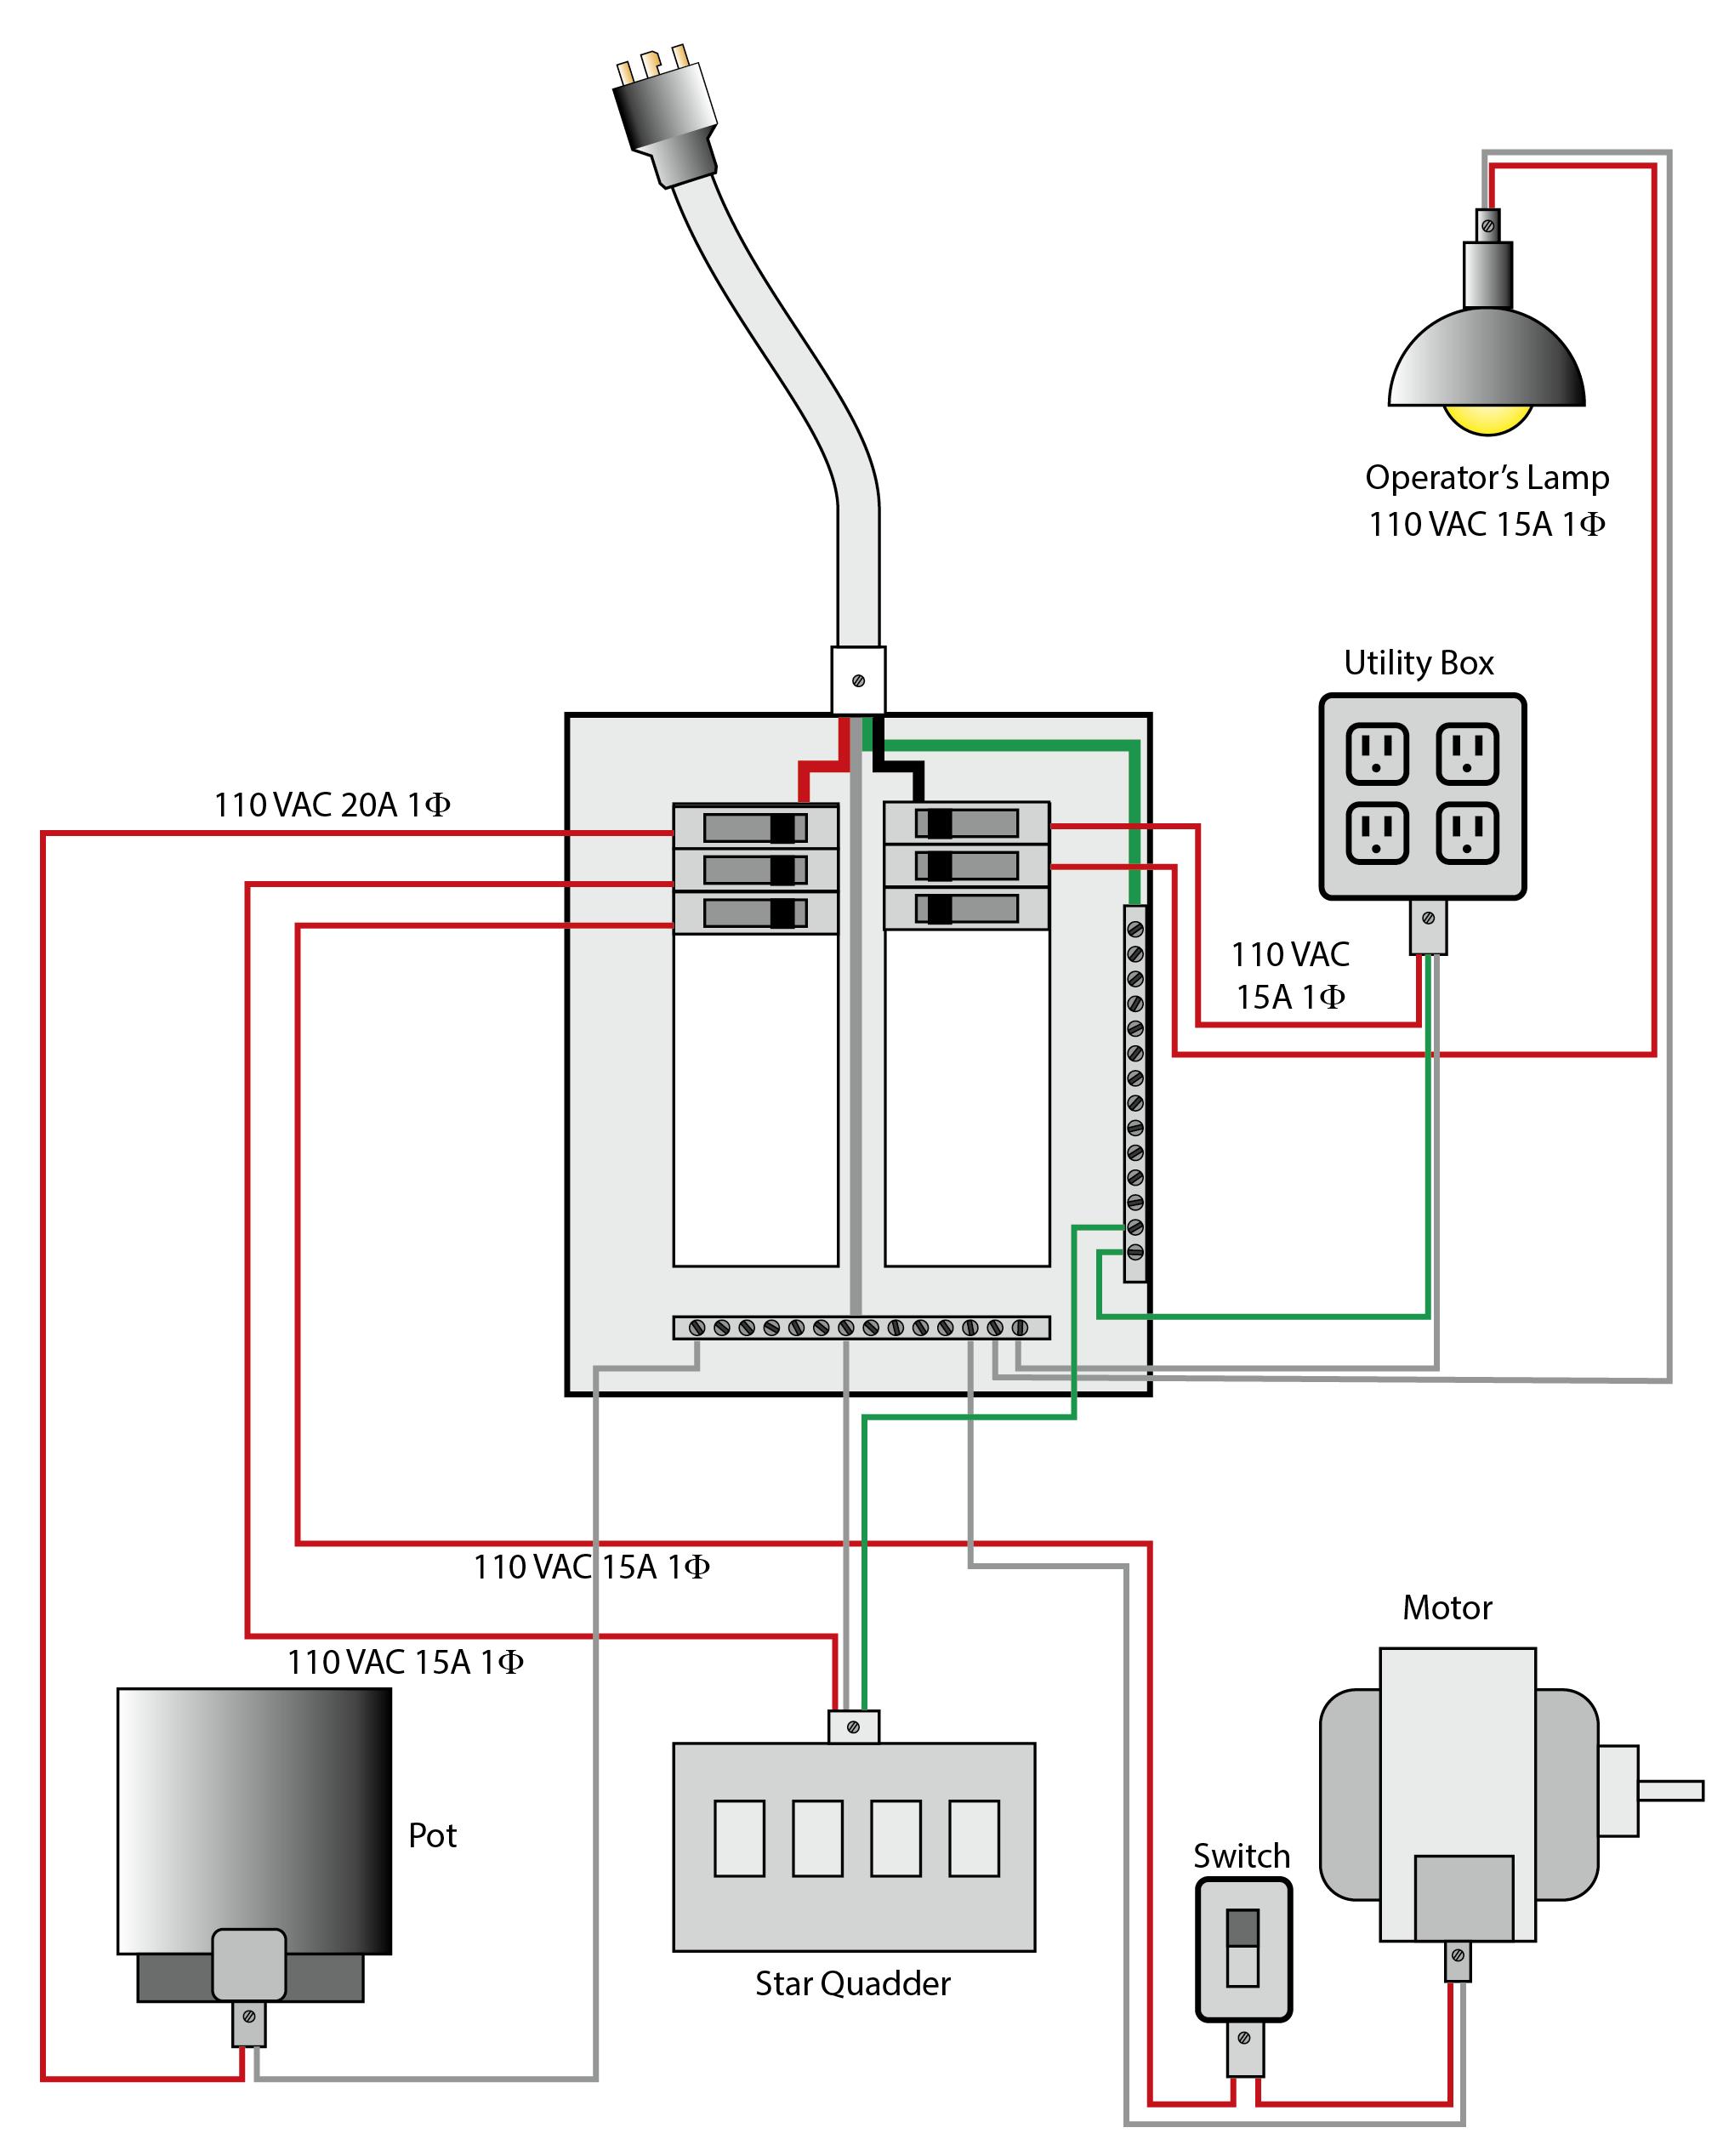 Electrical Conduit Wiring Diagram | Wiring Diagram - Conduit Wiring Diagram